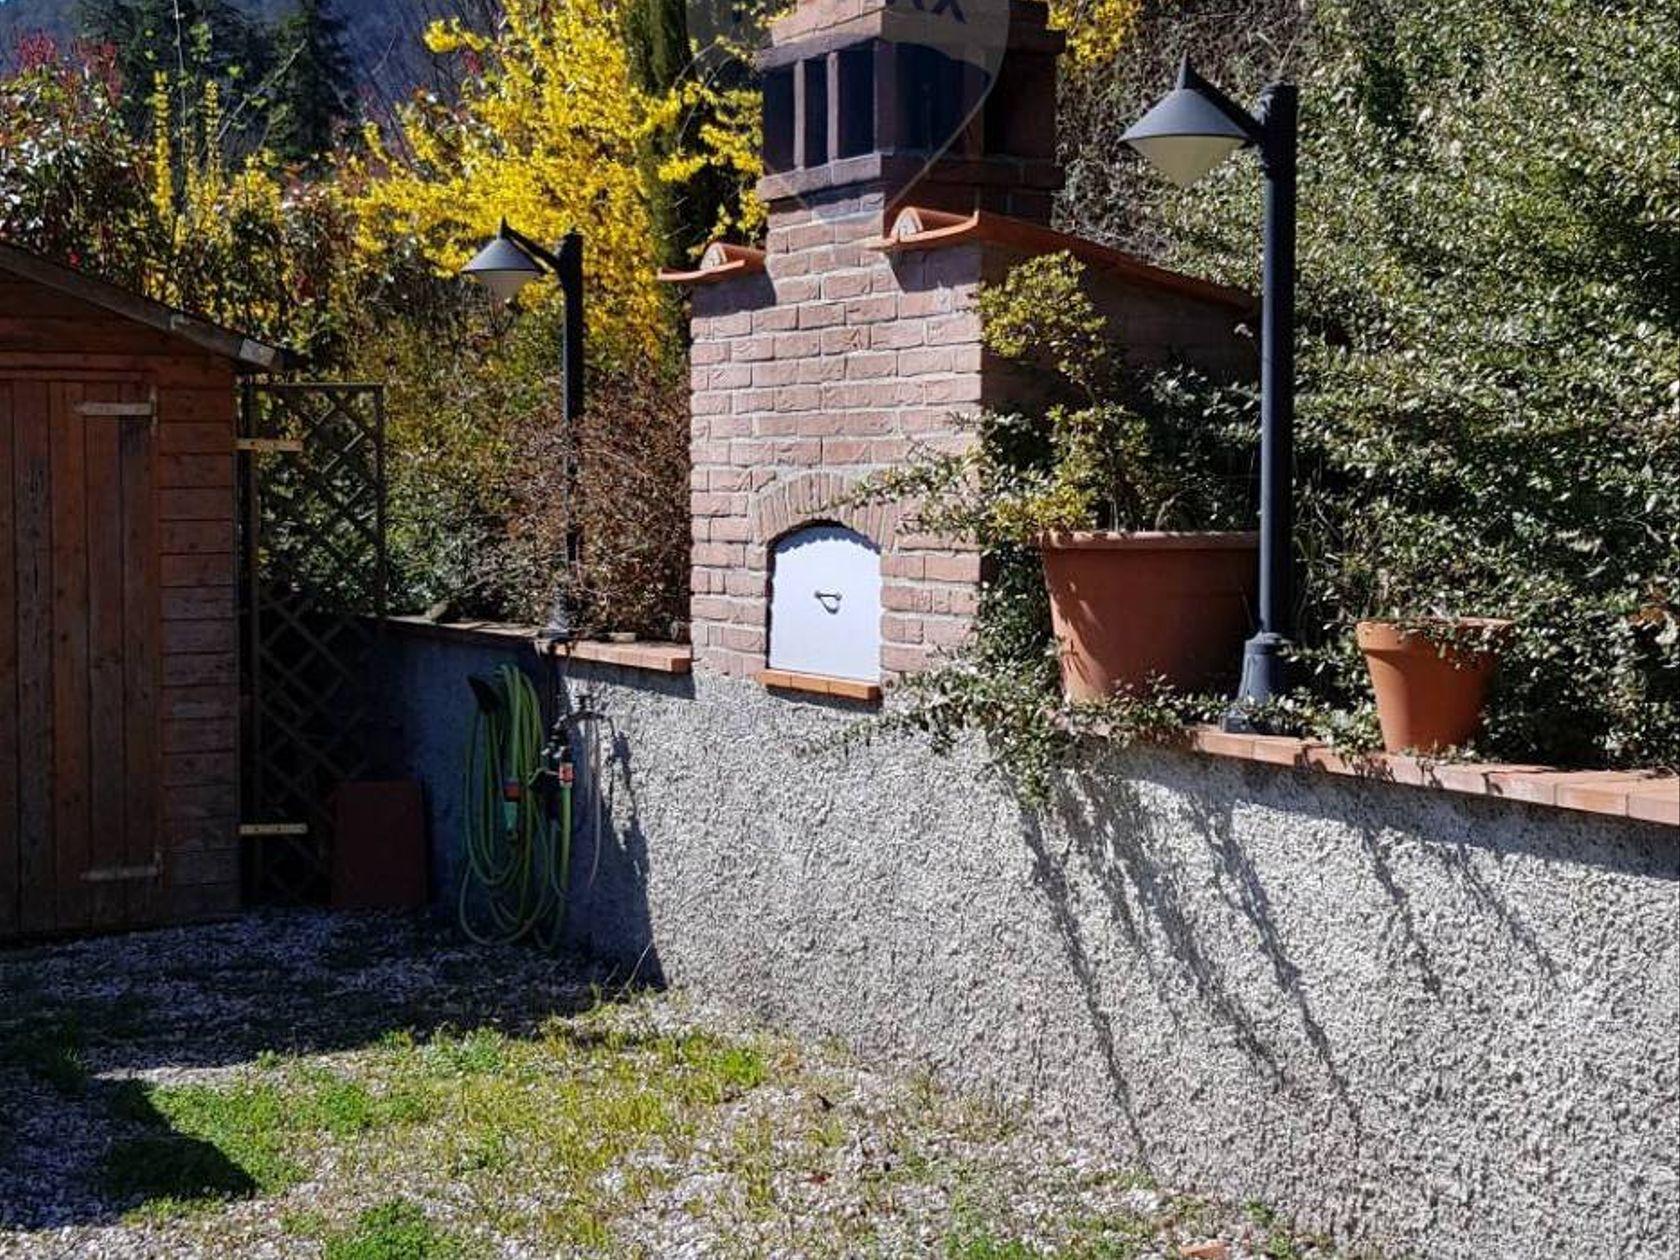 Casa Indipendente Mangona, Barberino di Mugello, FI Vendita - Foto 8